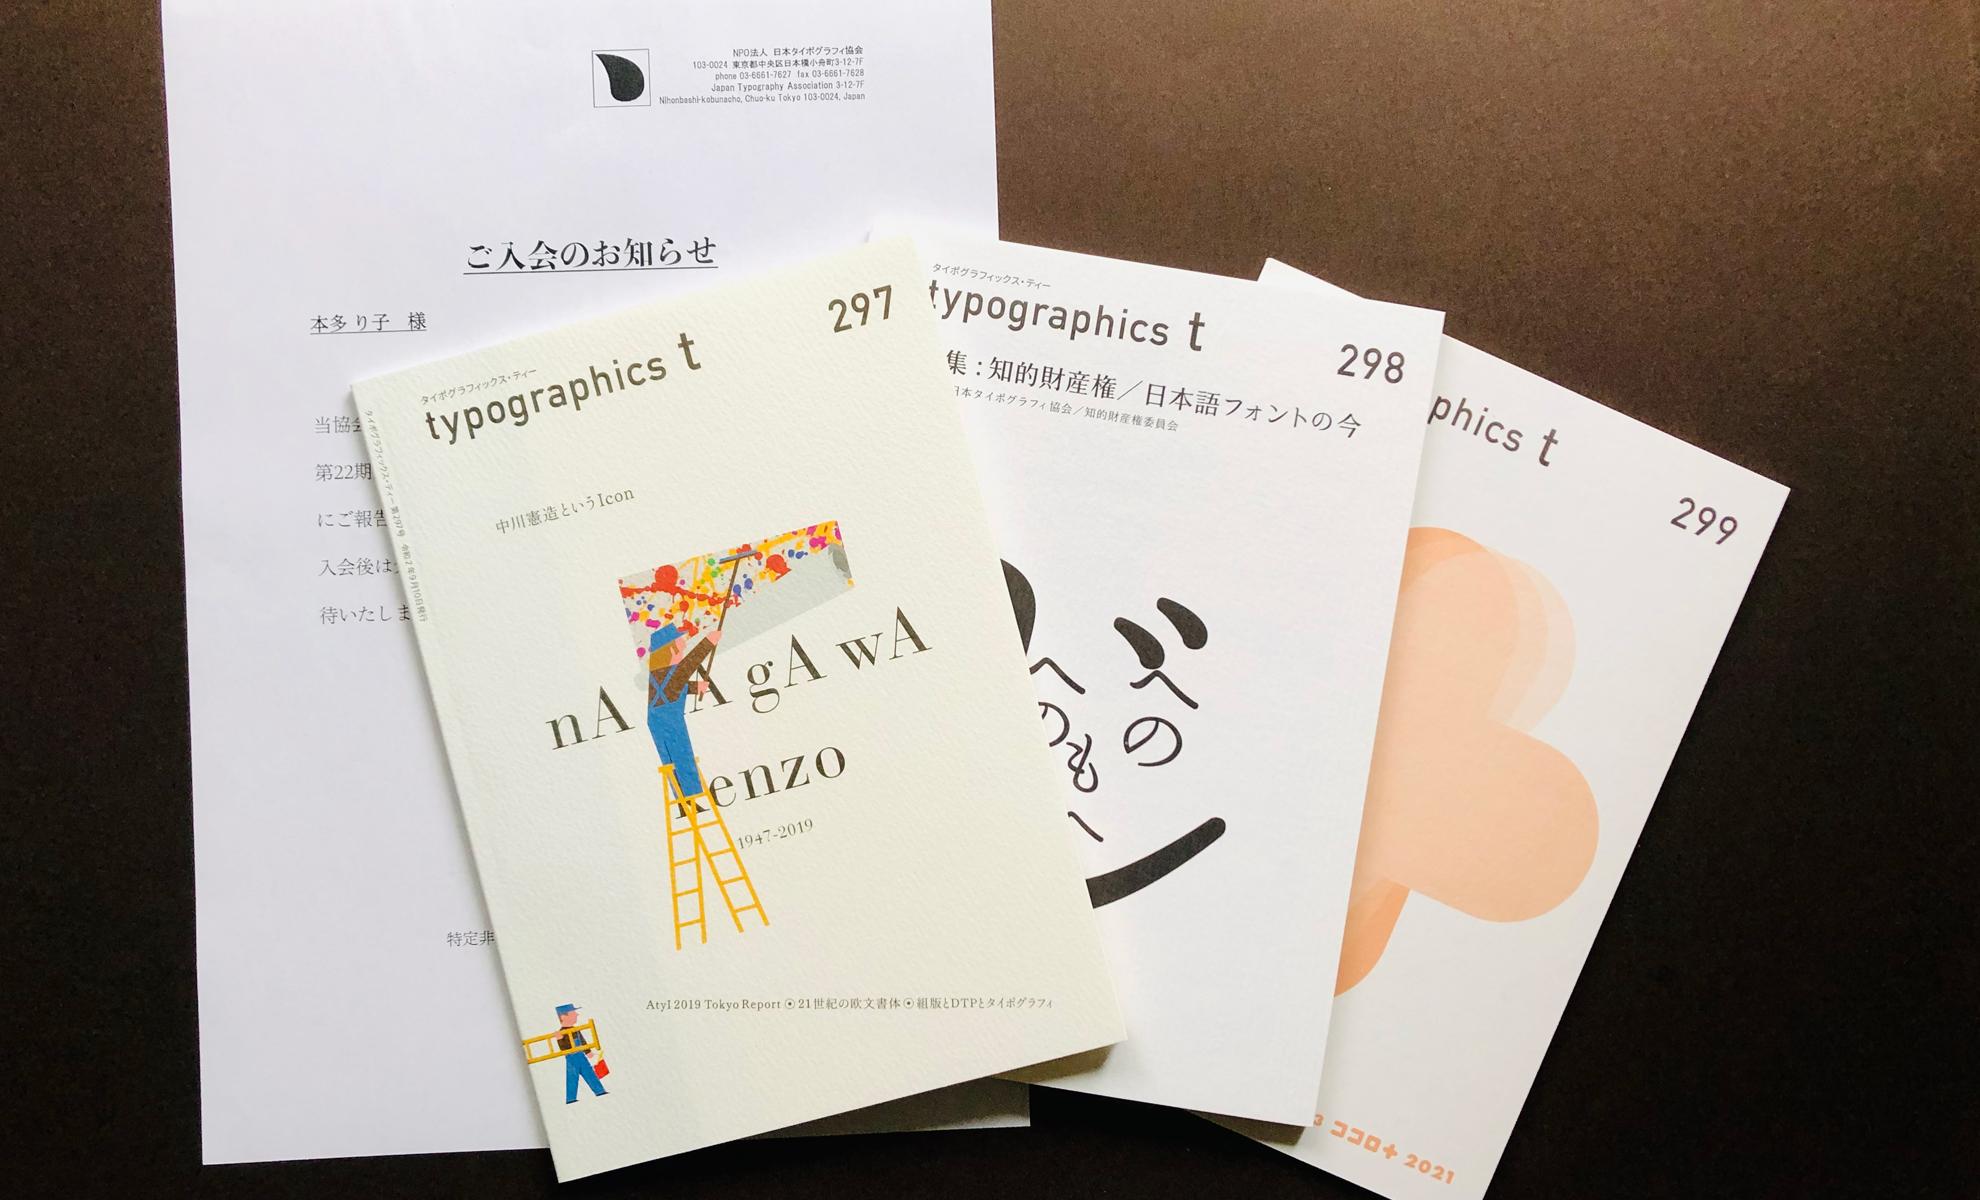 日本タイポグラフィ協会